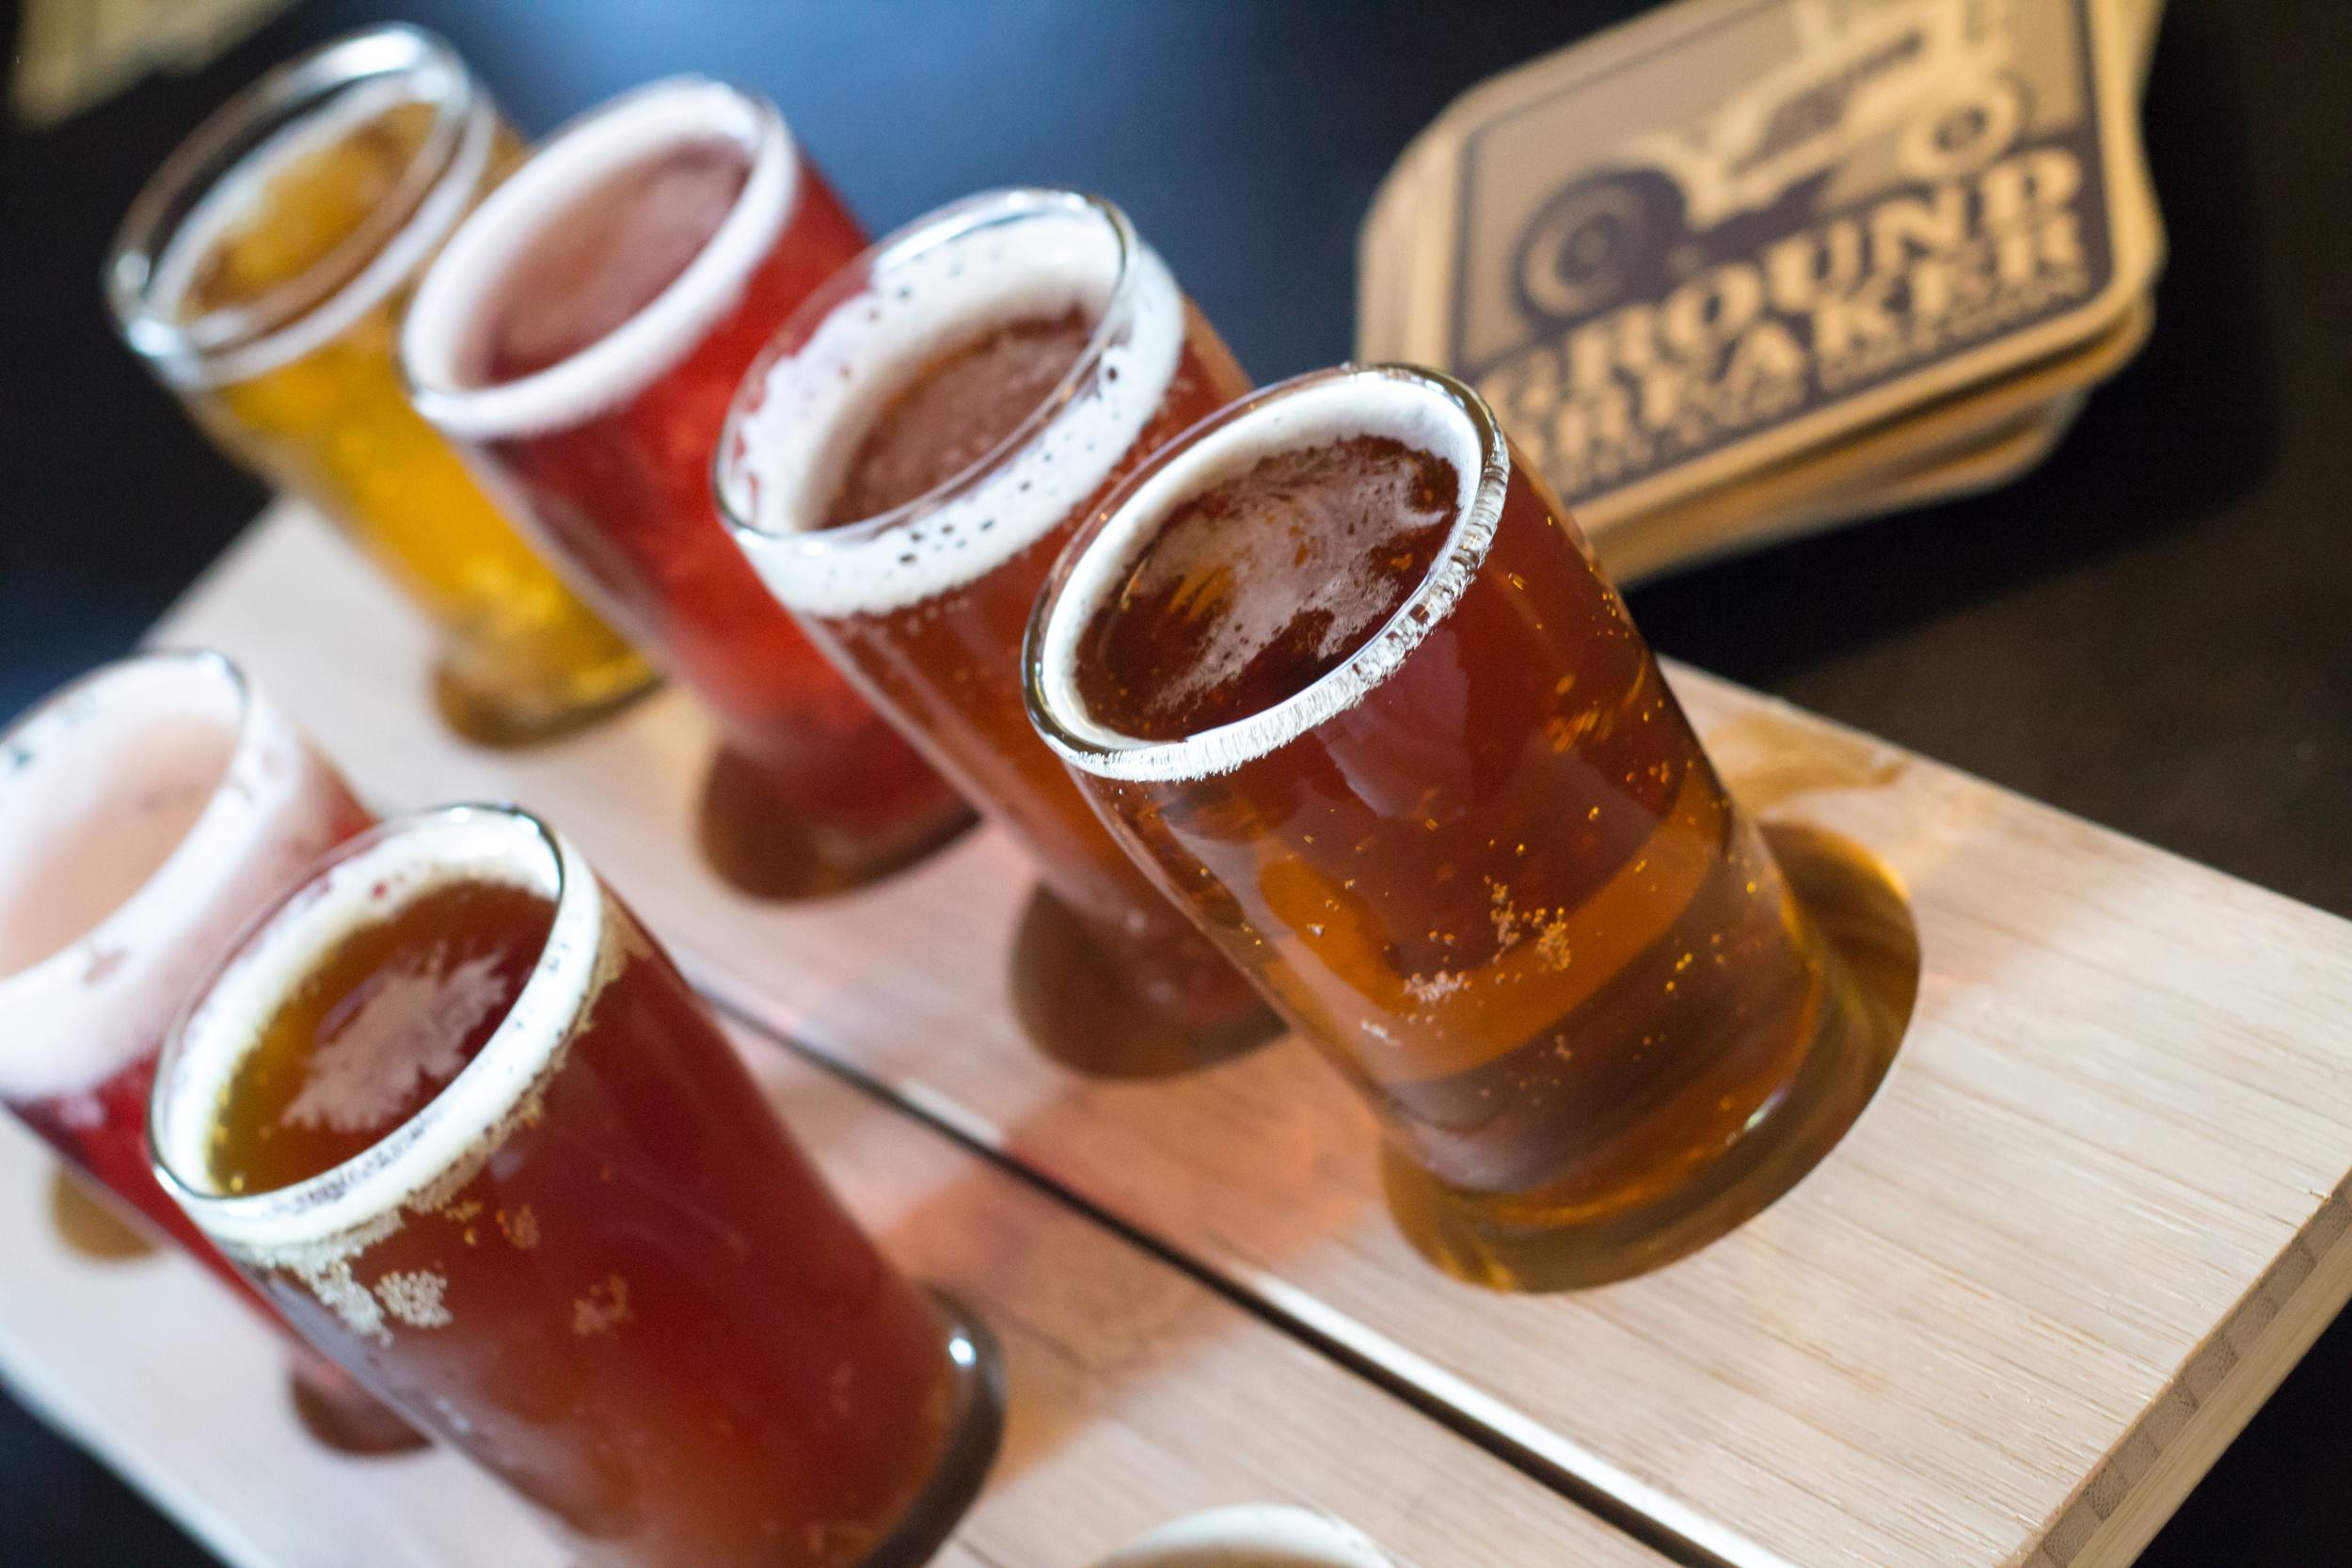 Flight of Ground Breaker Brews, all Gluten Free Beer